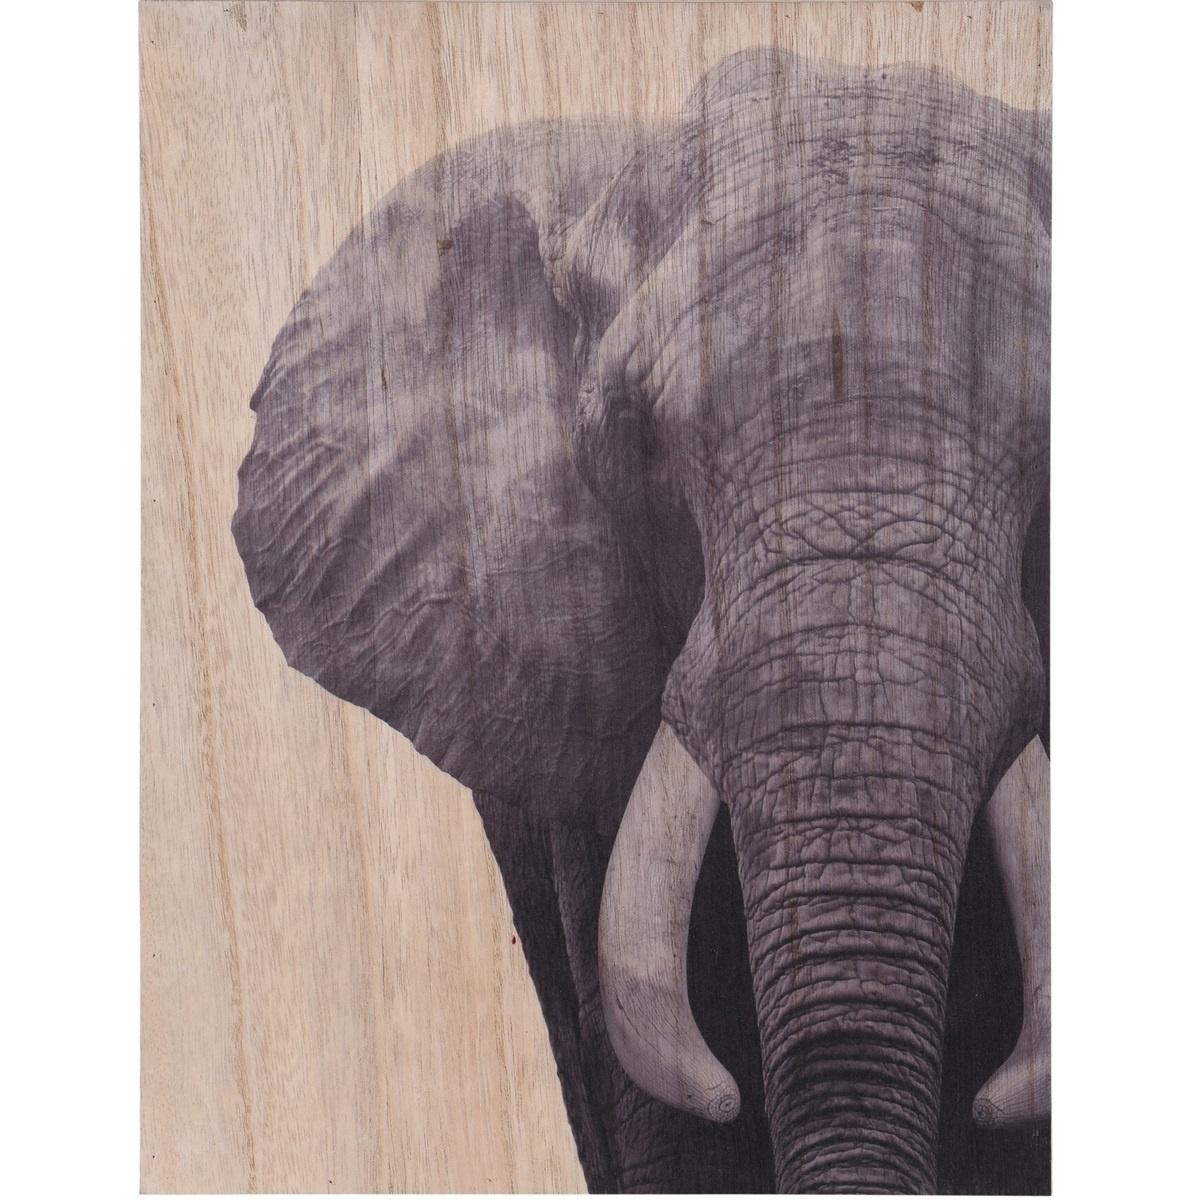 Obraz na dřevě Elephant, 28 x 38 cm